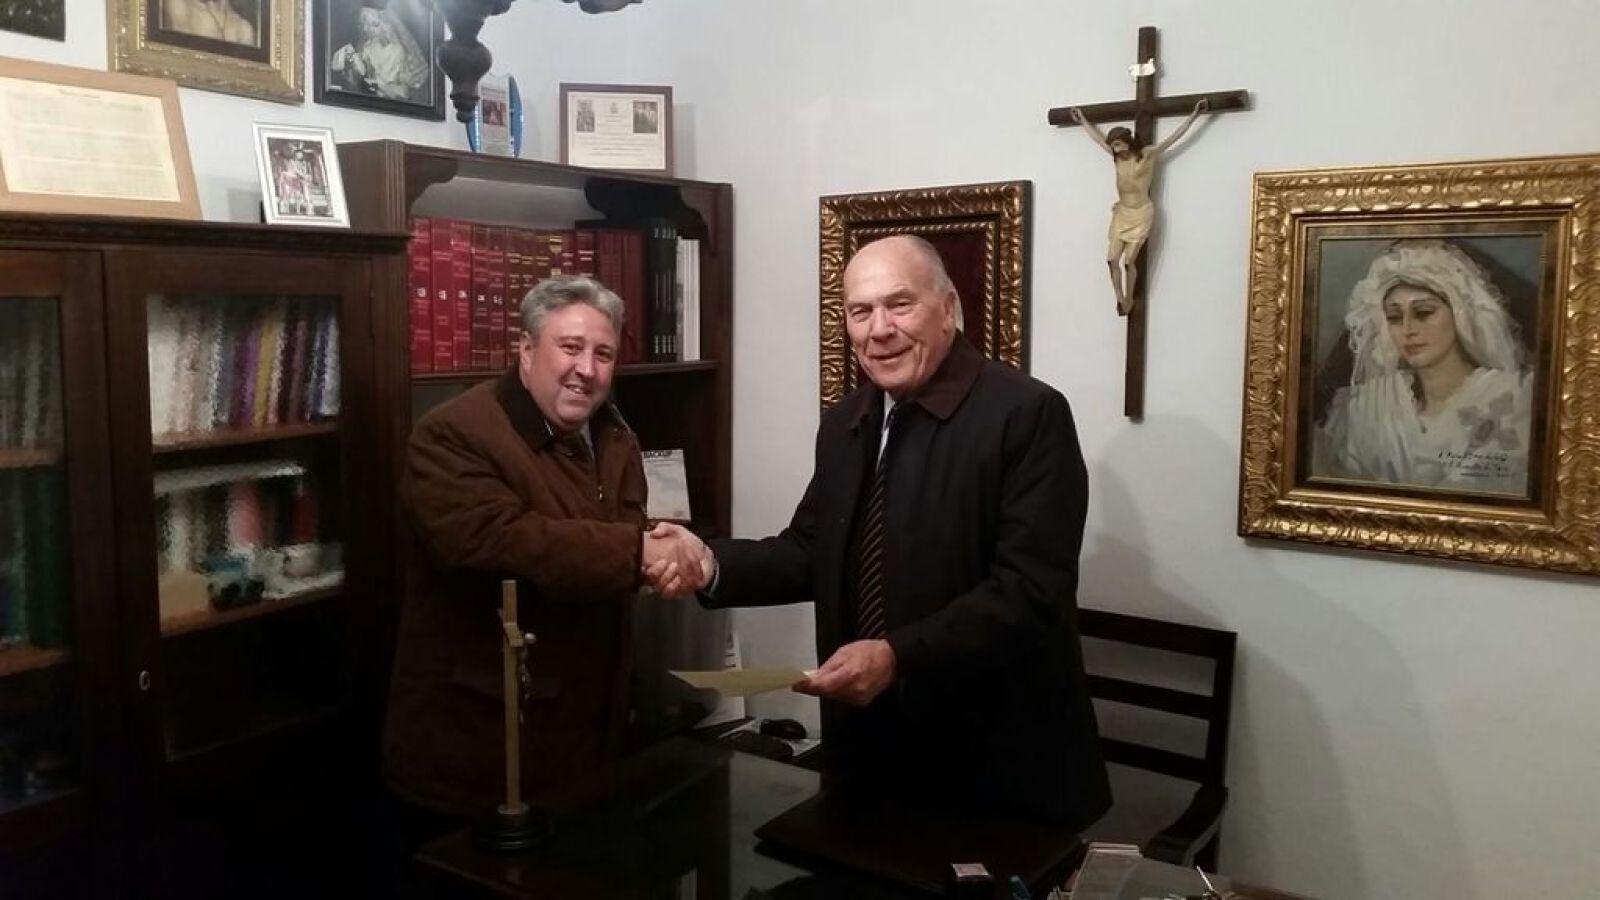 omento de la firma Hno. Mayor D. José Losada y nuestro Director Julio Vera